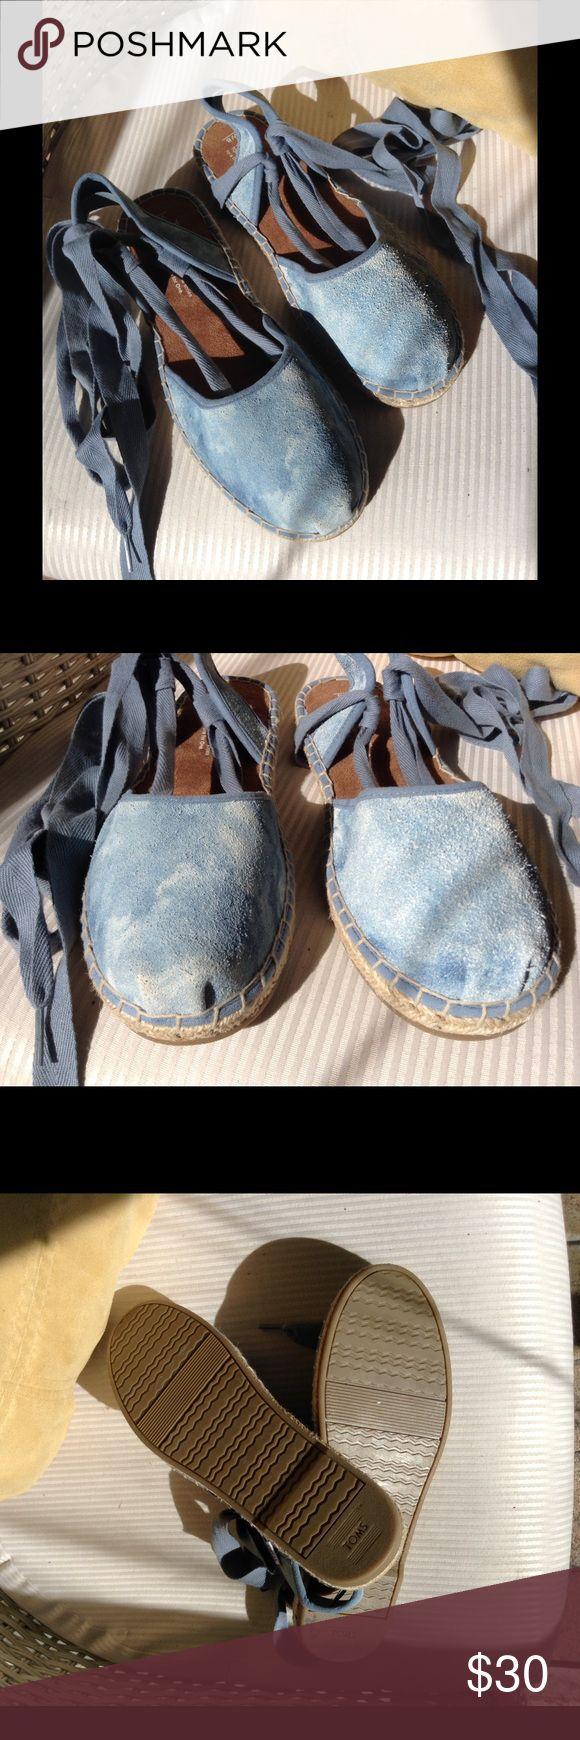 Womens Tom Espadrilles Womens blue espadrilles tie up. Size 8. TOMS Shoes Espadrilles